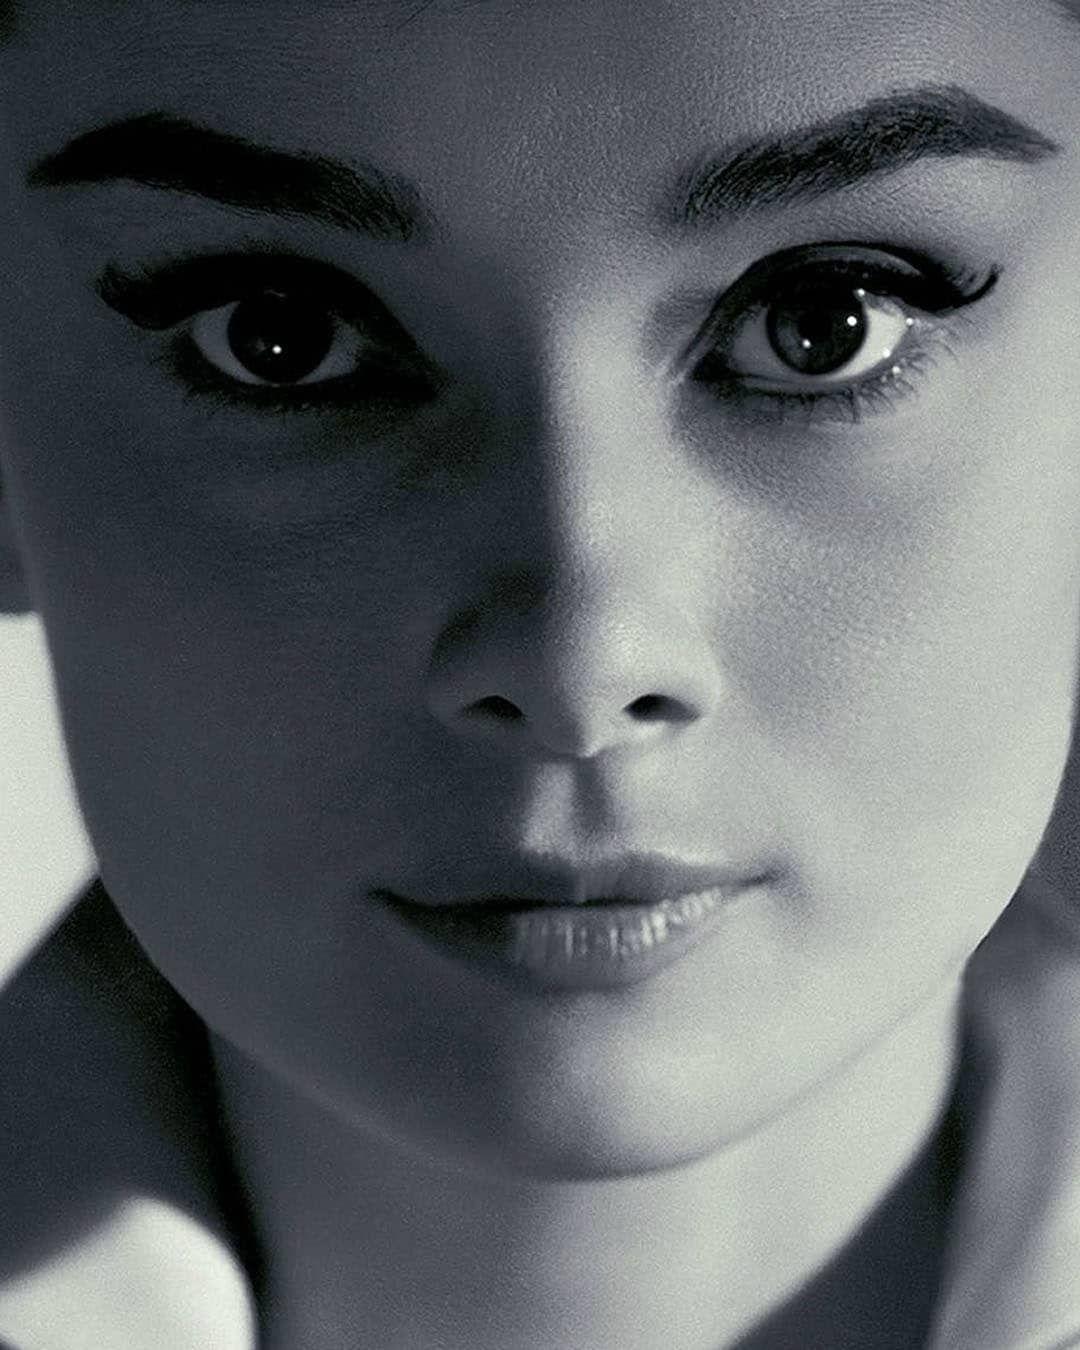 Одри Хепберн / Audrey Hepburn | Одри хепберн, Лицо, Знаменитости